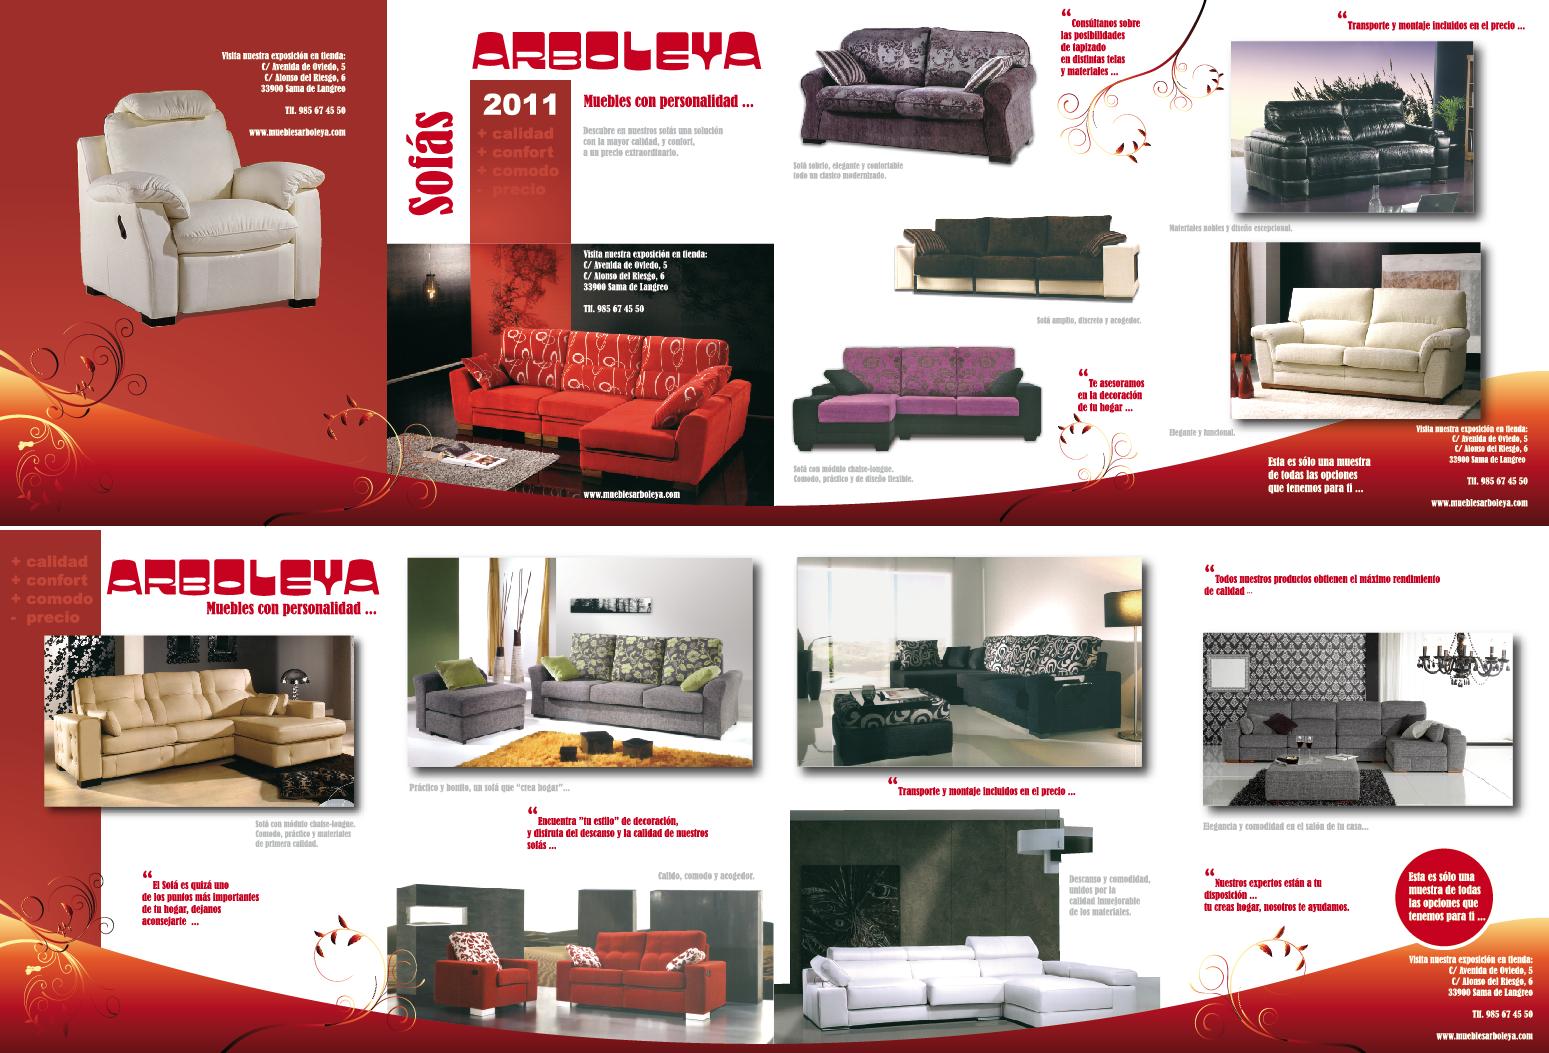 buzoneo de sofas en langreo llana publicidad